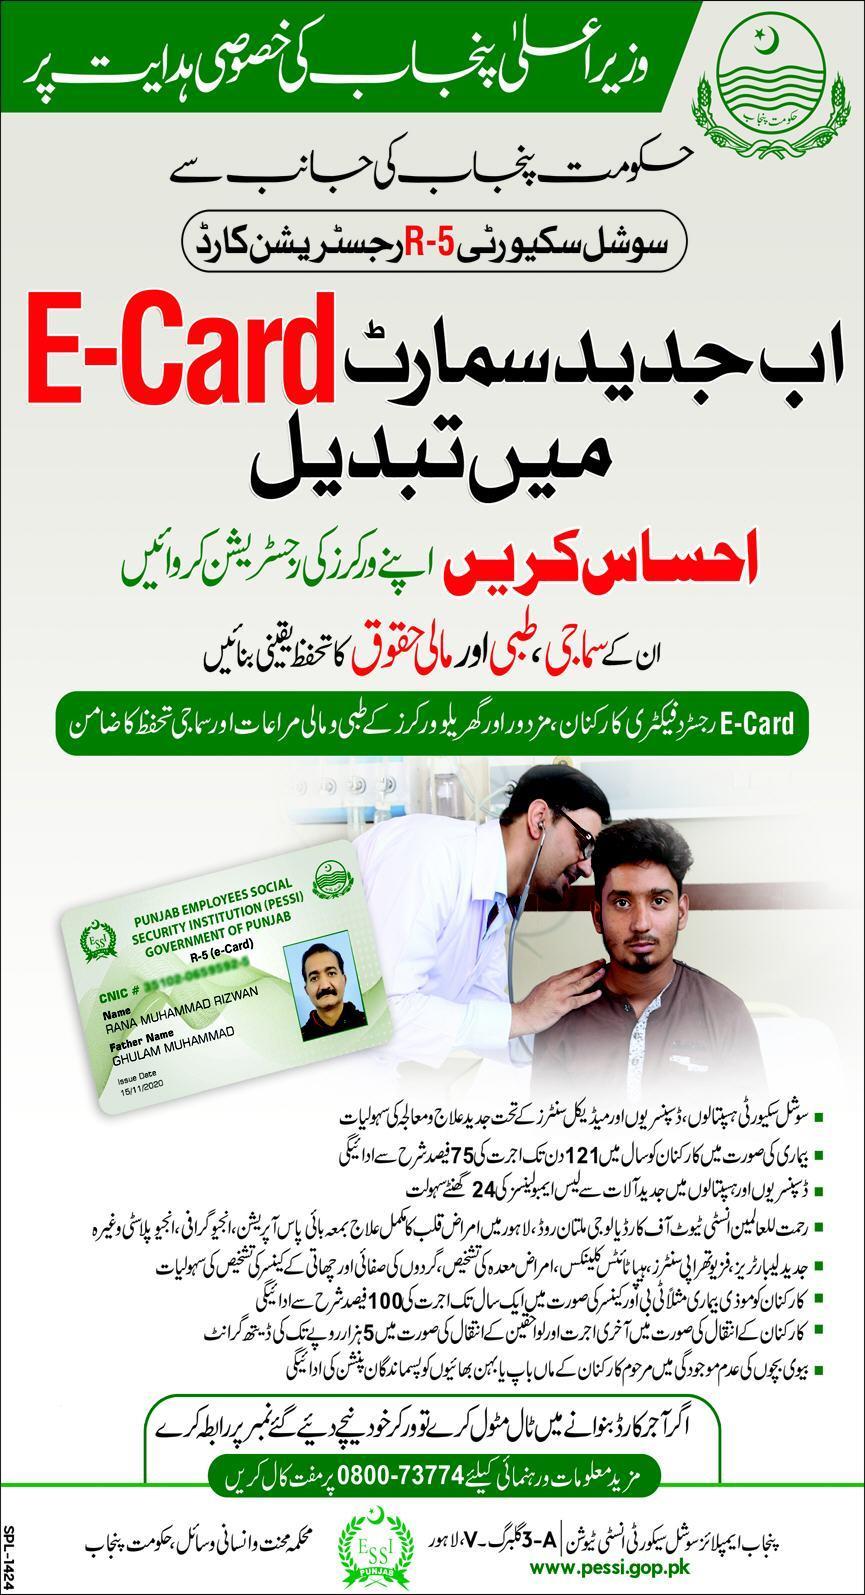 PESSI R-5 Online Registration for E Card